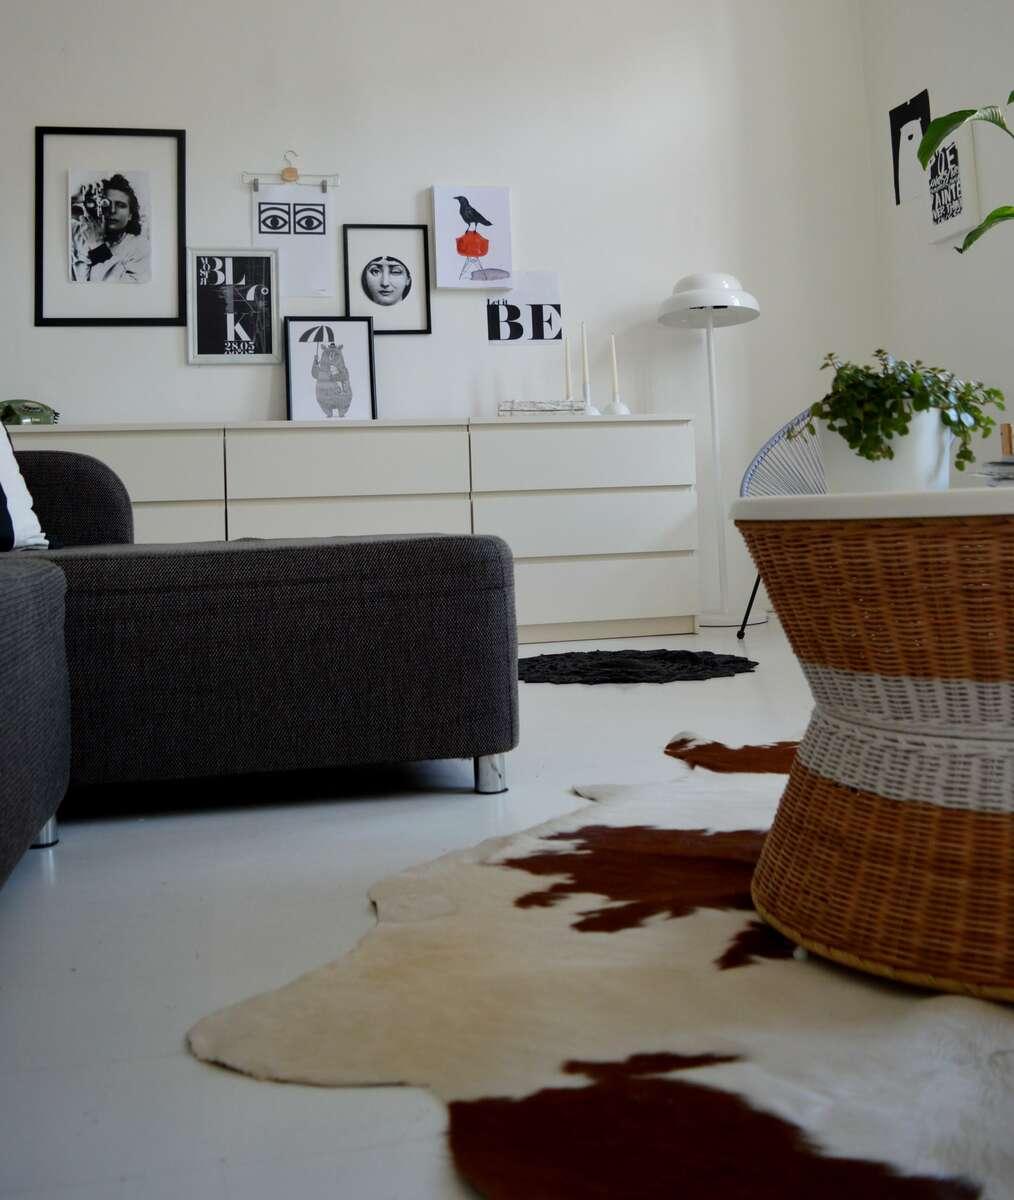 #homedesign #livingroom #walldecor